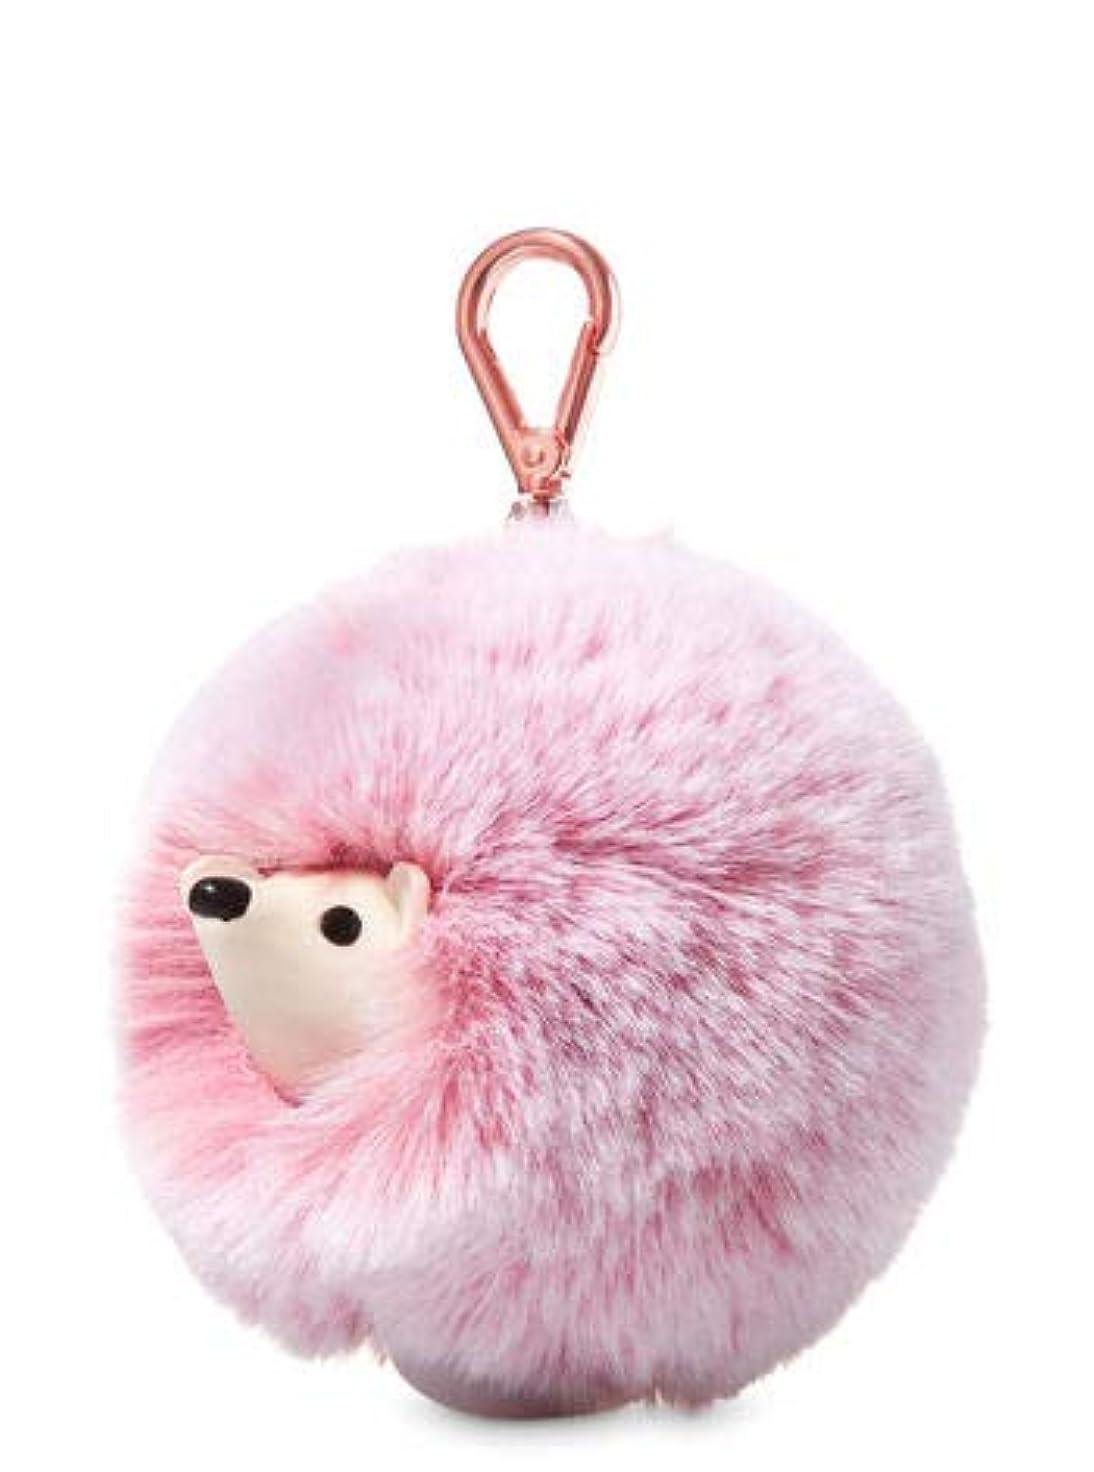 居心地の良いおとうさん電子レンジ【Bath&Body Works/バス&ボディワークス】 抗菌ハンドジェルホルダー ピンクヘッジホッグポンポン Pocketbac Holder Pink Hedgehog Pom-Pom [並行輸入品]